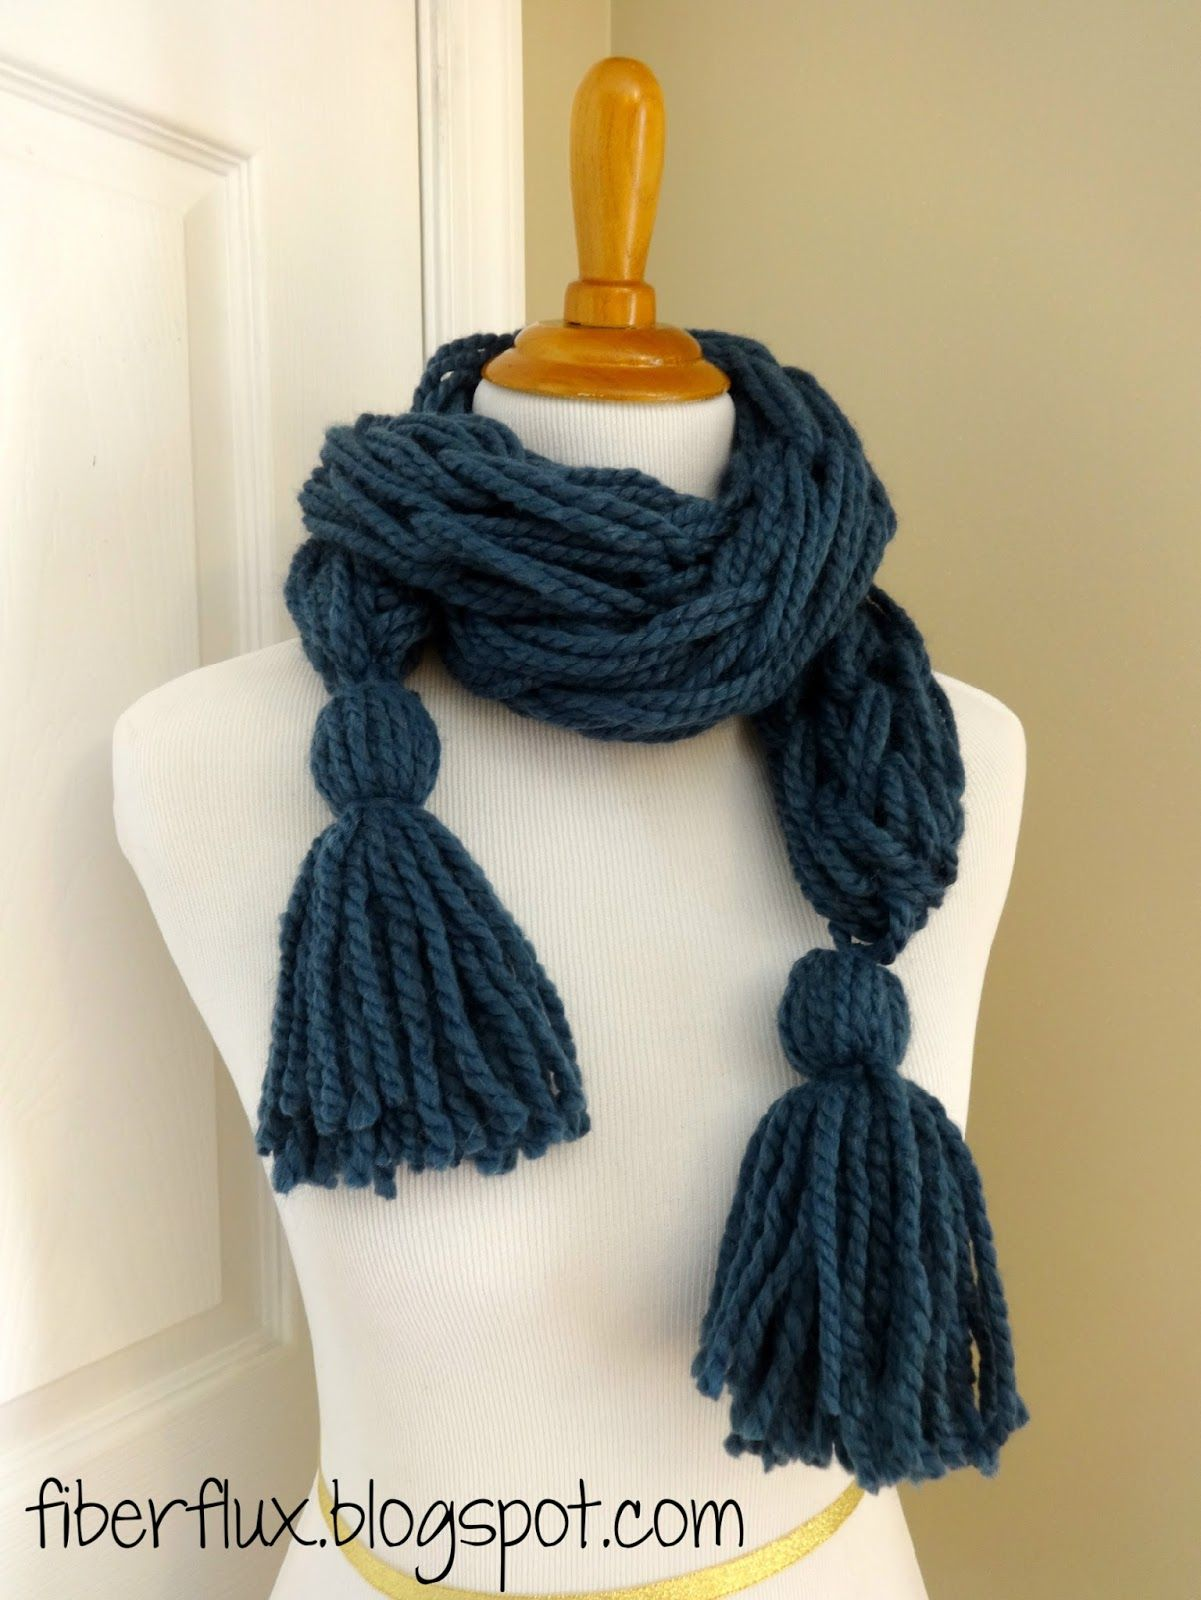 Arm knit tassel scarf free pattern video tutorial from fiber arm knit tassel scarf free pattern video tutorial from fiber flux bankloansurffo Images